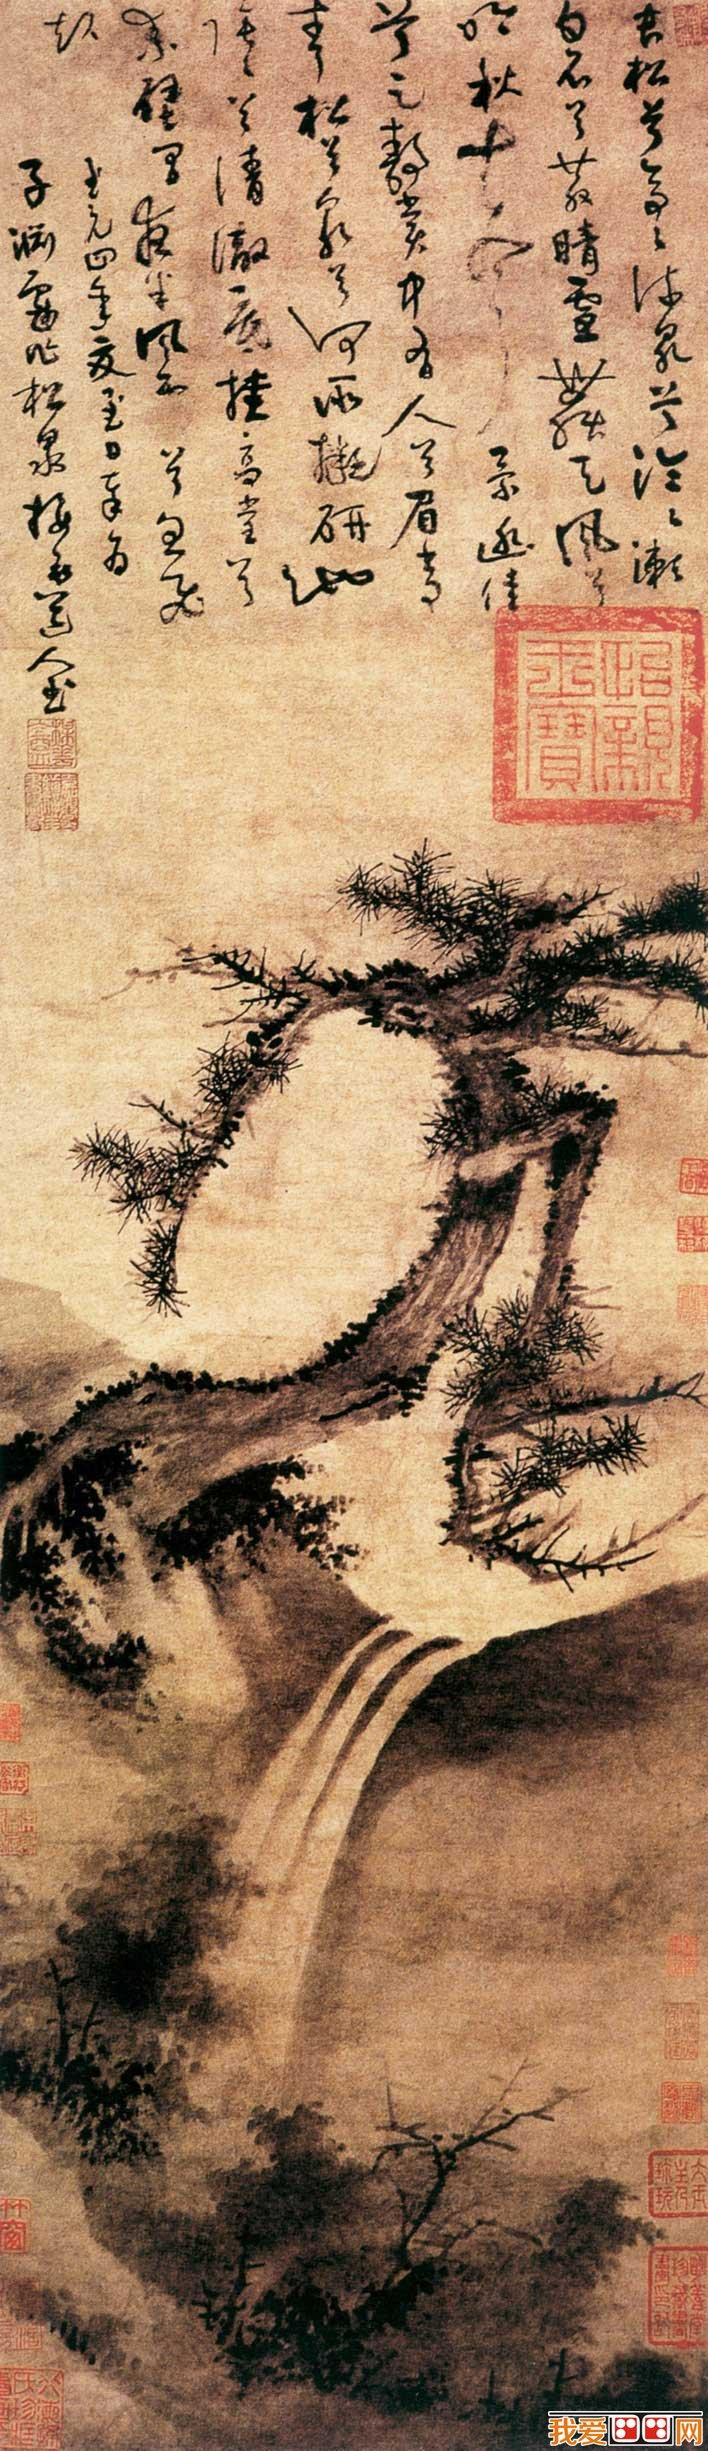 吴镇《松泉图》_元代描绘松树和瀑布的水墨画